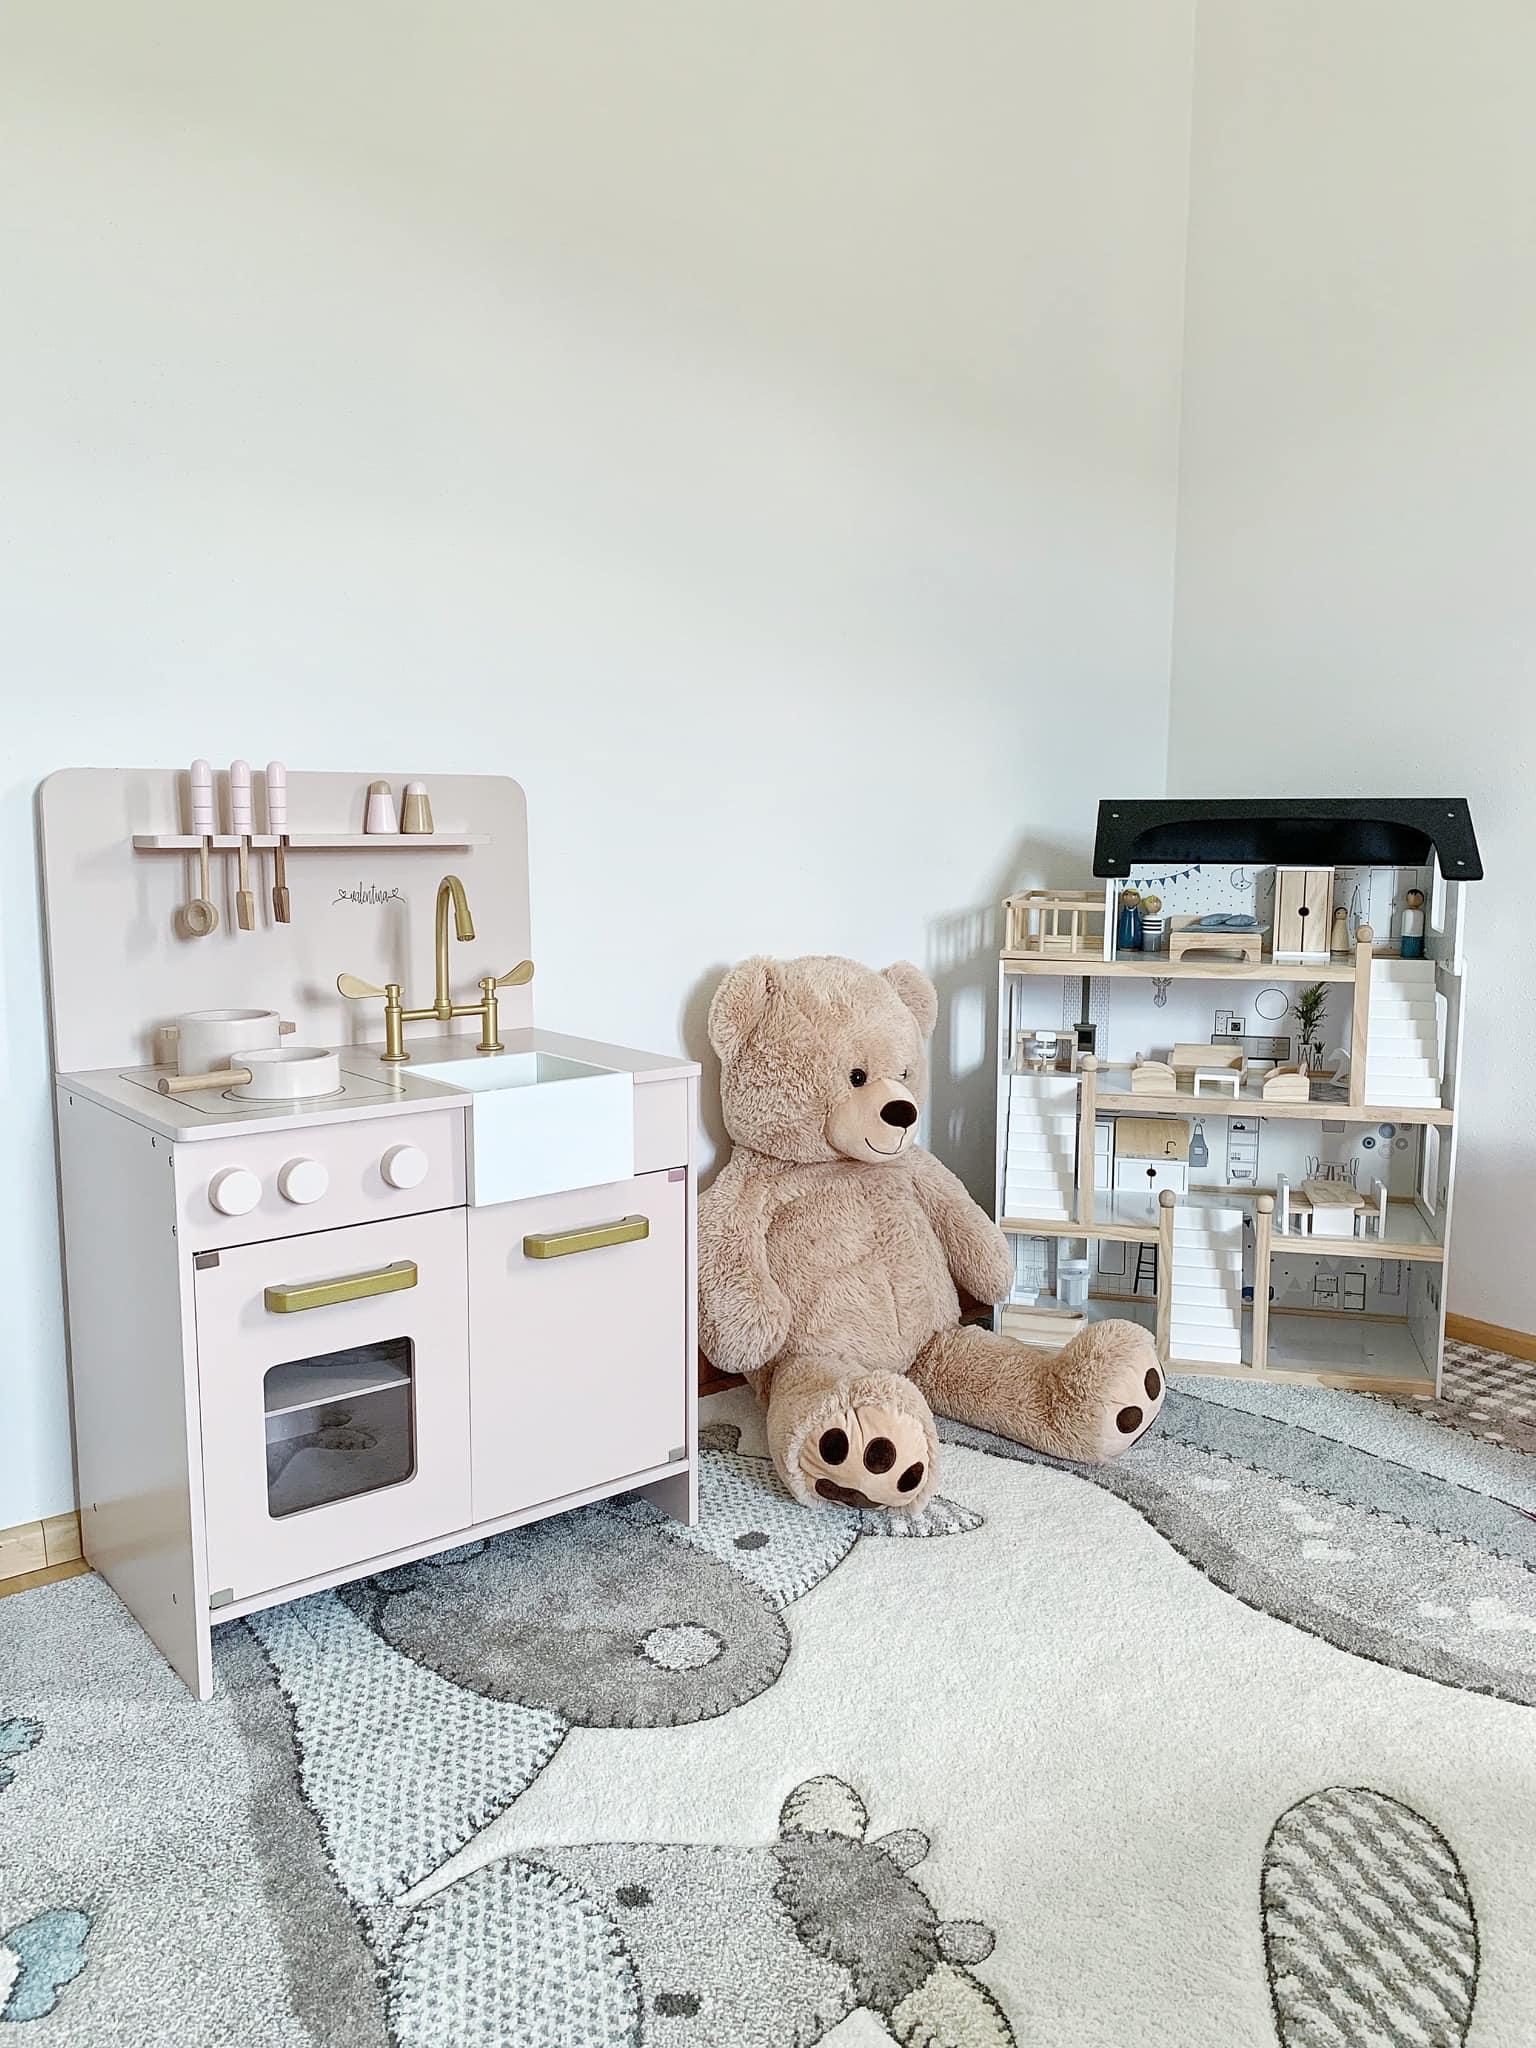 Petite Amelie-Puppenhaus-Spielküche-Retro-Holzspielzeug-Mamablog-Mamablogger-carrieslifestyle-Tamara-Prutsch-Kinderzimmer-Ideen